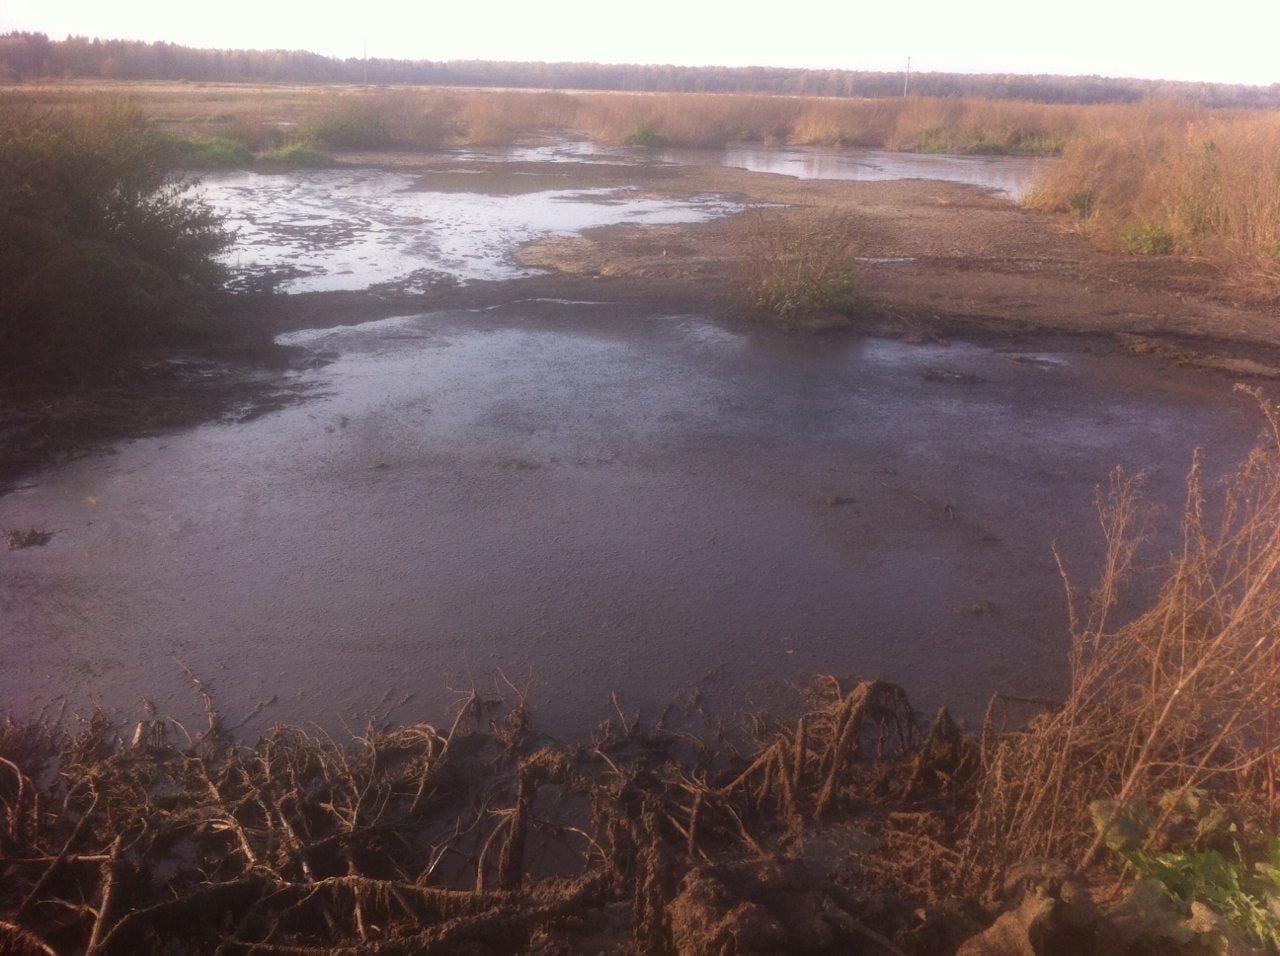 После сообщений в соцсетях департамент охраны окружающей среды начал проверку по факту слива нечистот под Ярославлем